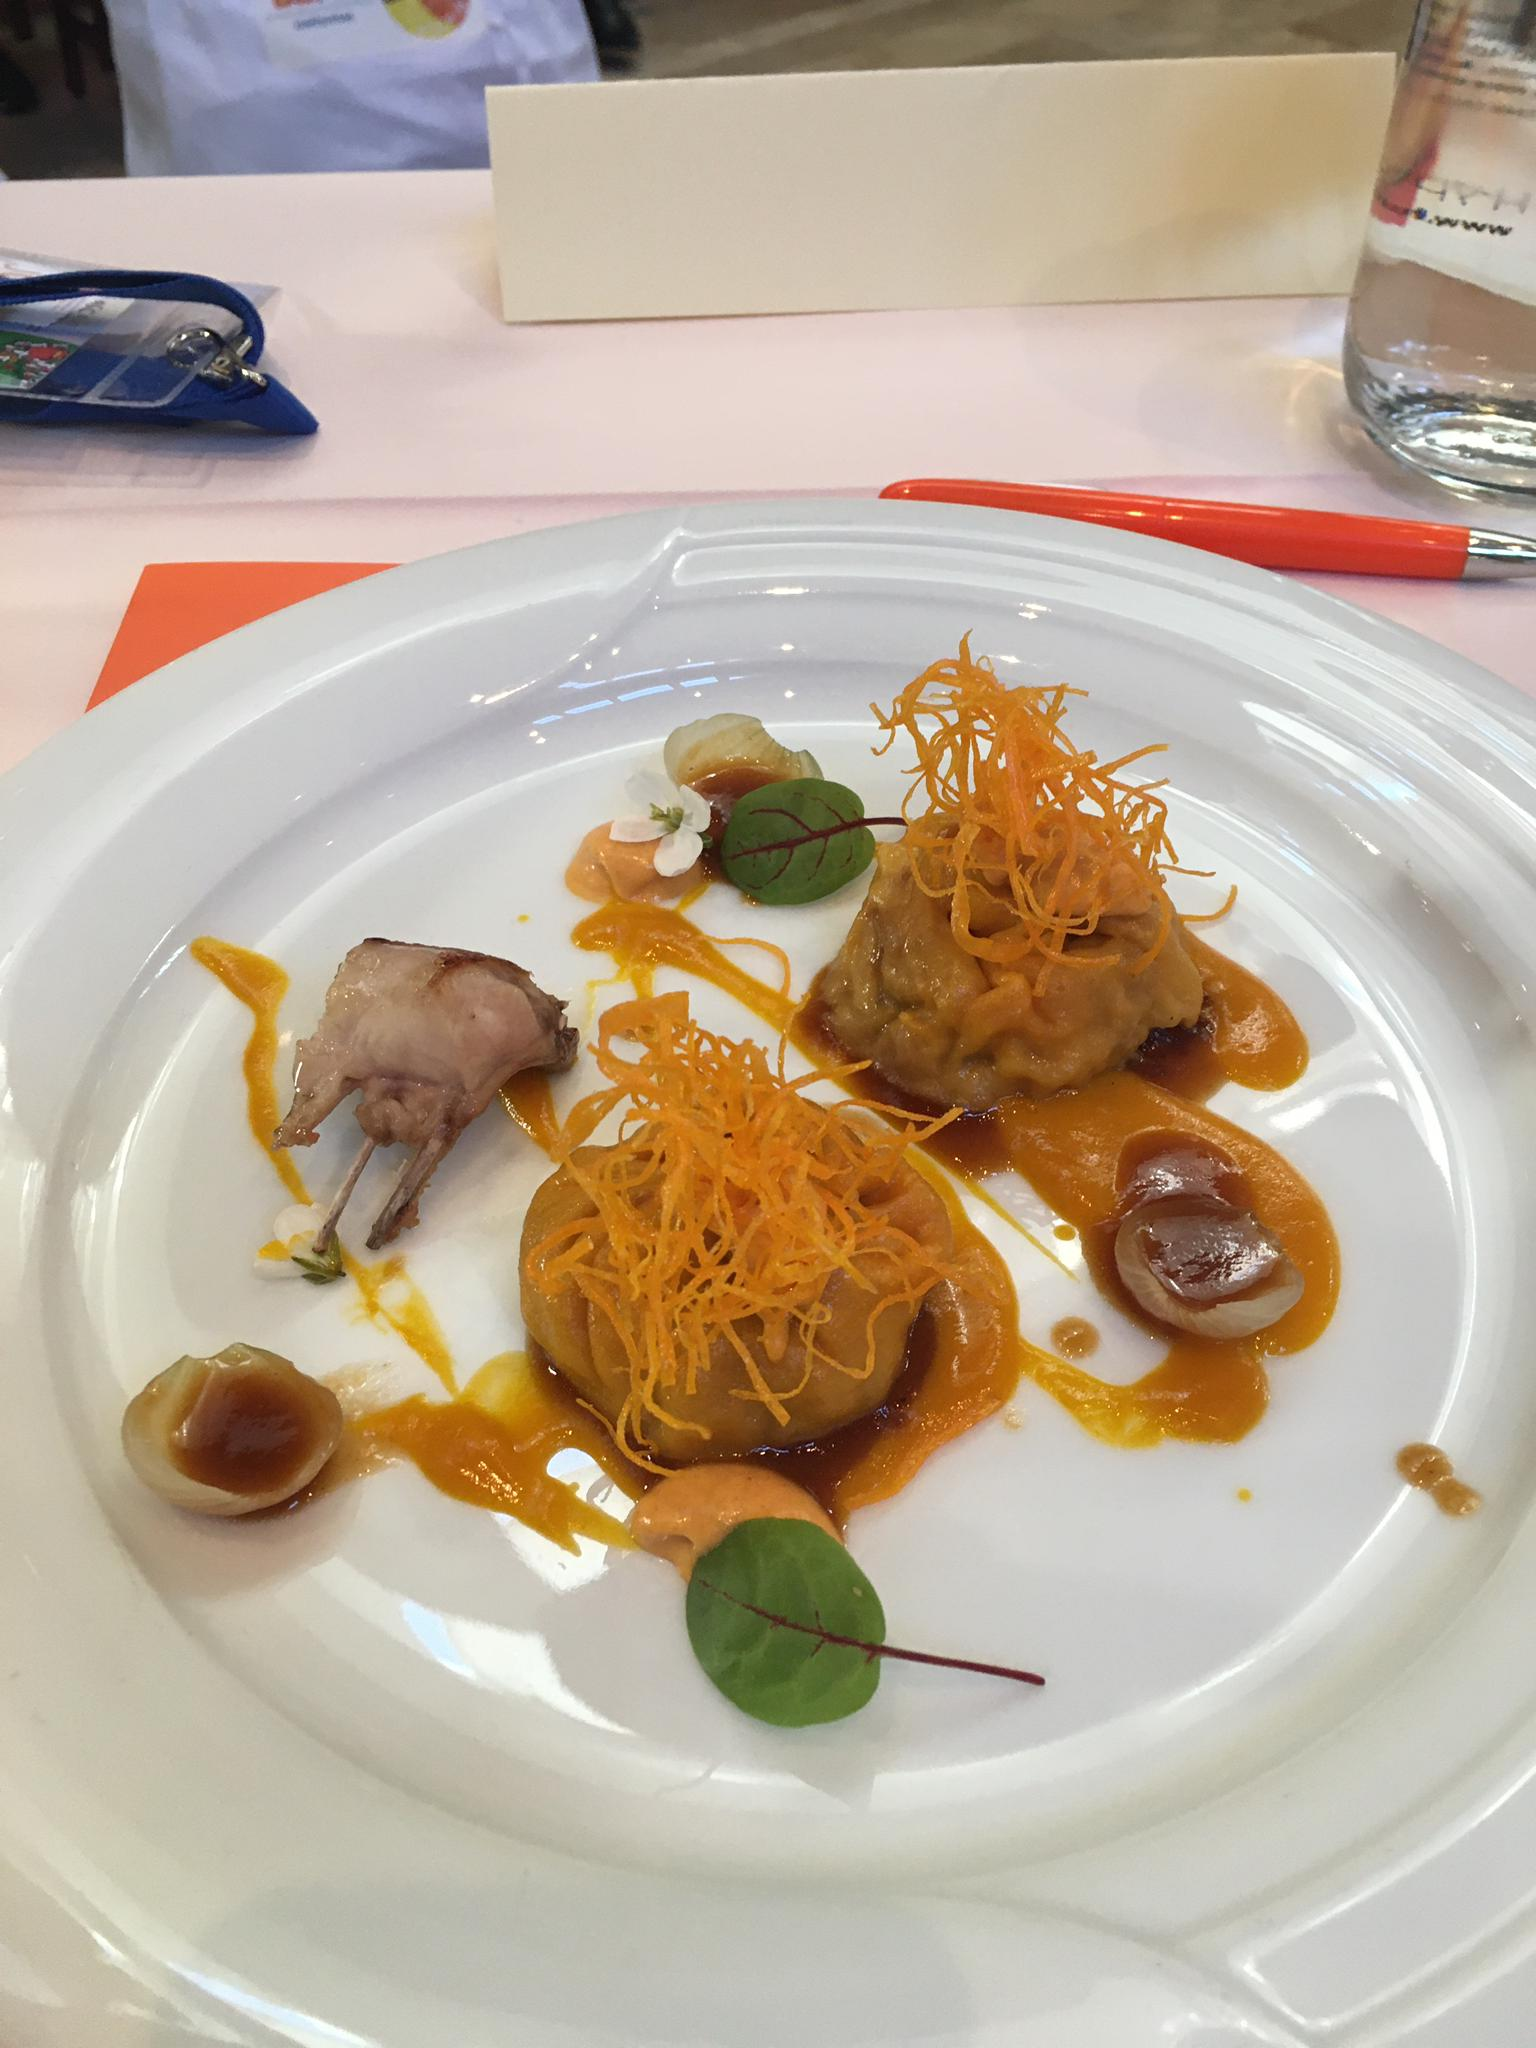 Los hermanos Luis Antonio y Javier Carcas, del restaurante zaragozano Casa Pedro, ganadores del VI Certamen Nacional de Gastronomía